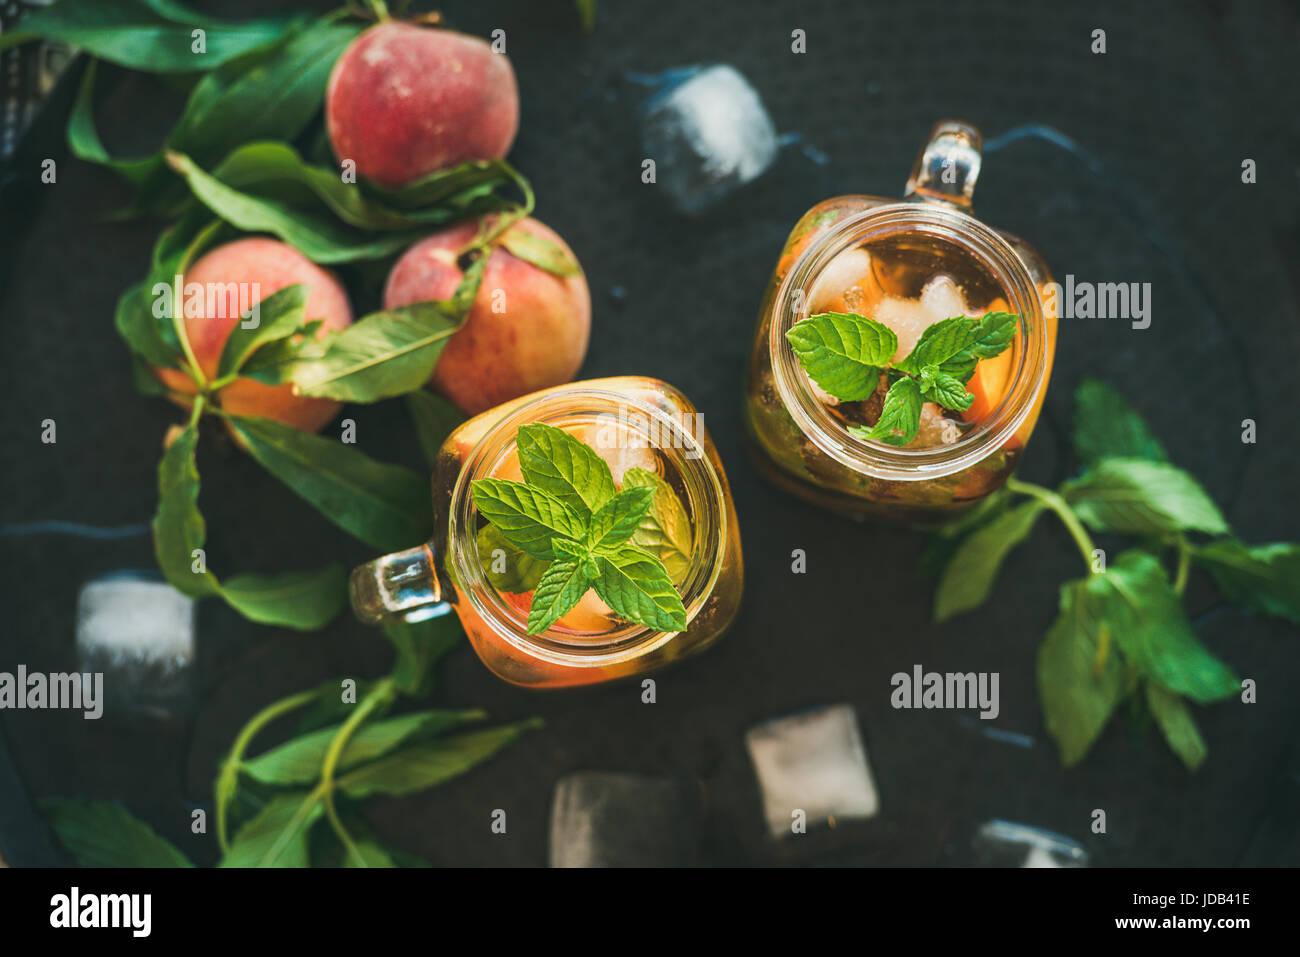 Rafraîchissant de l'été thé glacé pêche froide dans des bocaux en verre Photo Stock